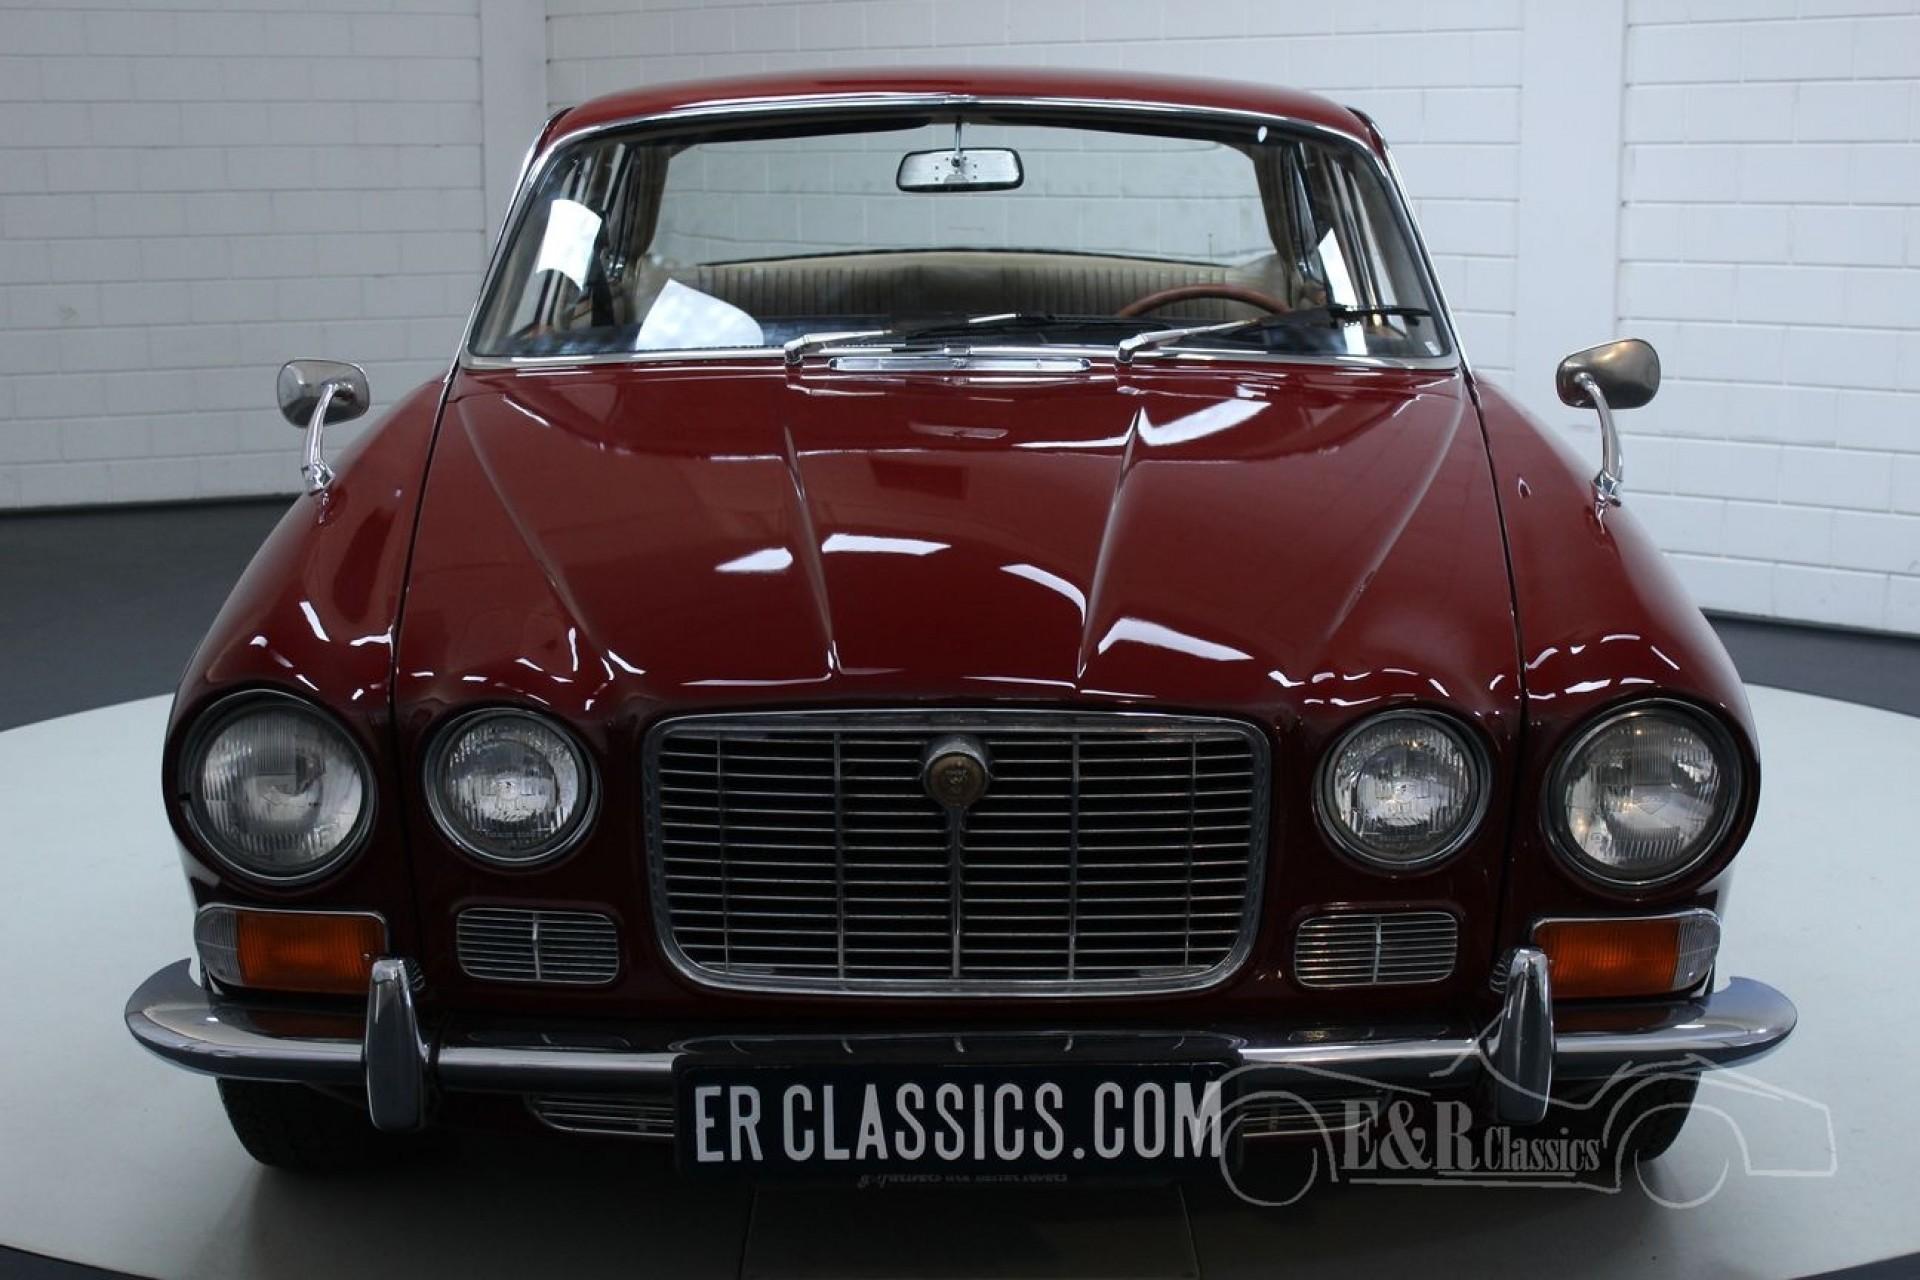 Jaguar XJ6 1969 erste Serie 2,8 Liter Burgunderrot zum ...